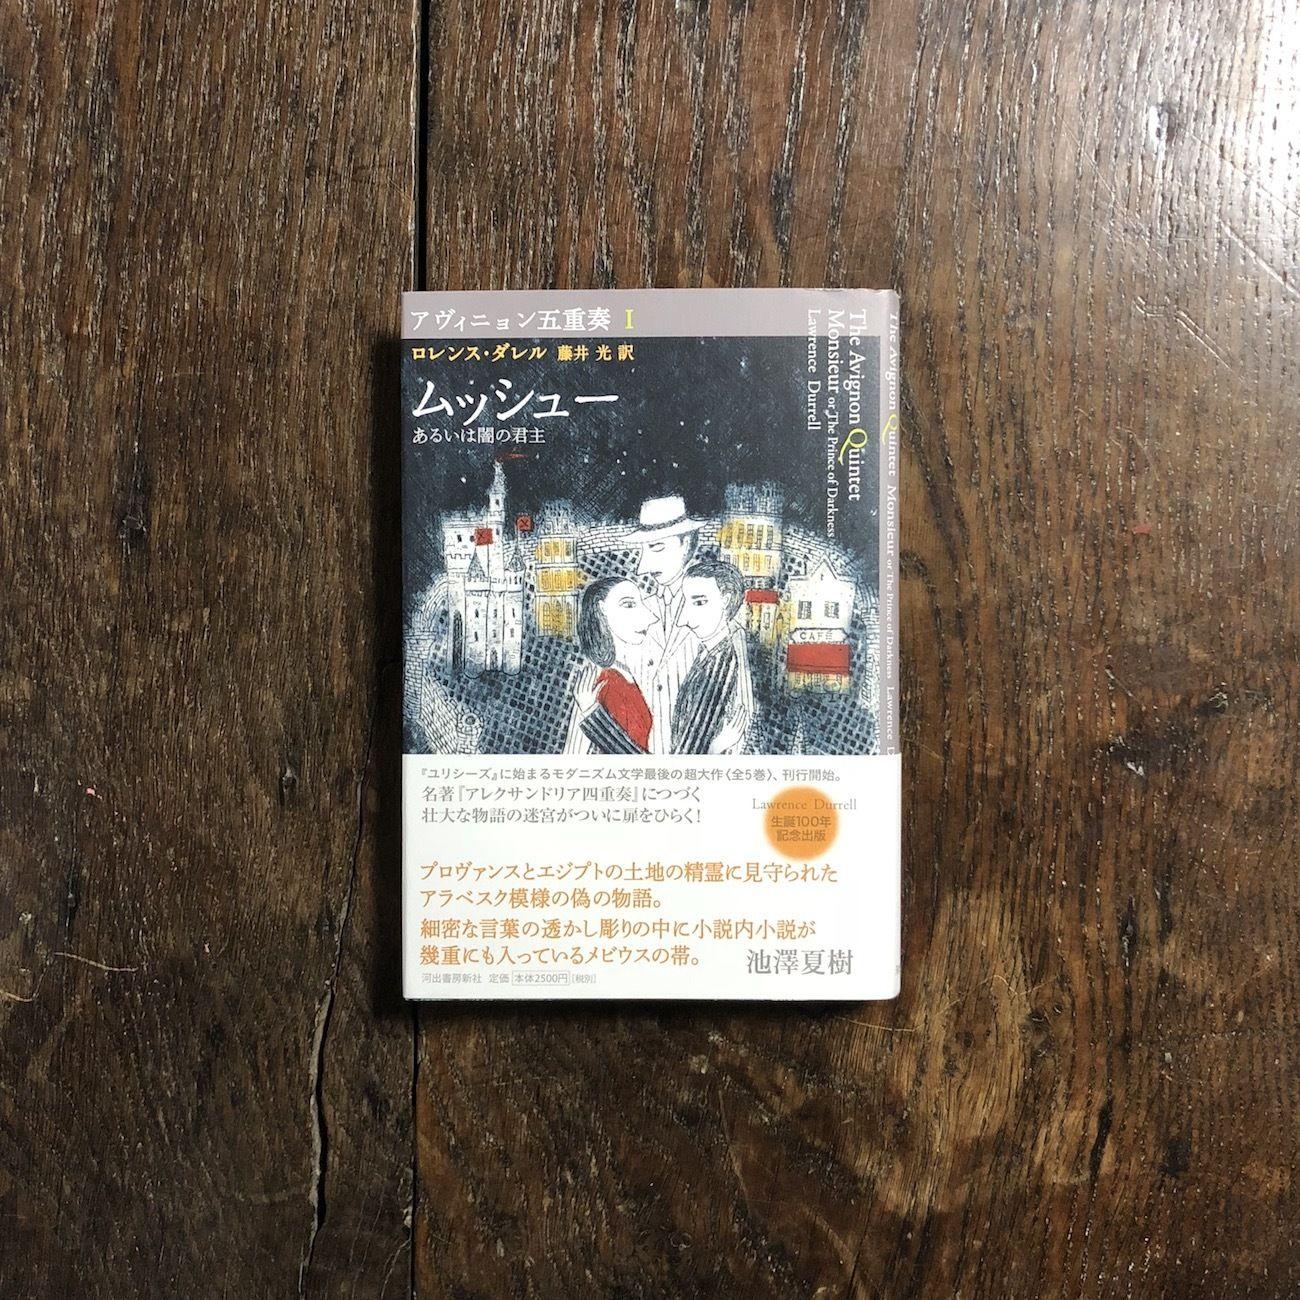 「ムッシュー アヴィニョン五重奏Ⅰ」ロレンス・ダレル